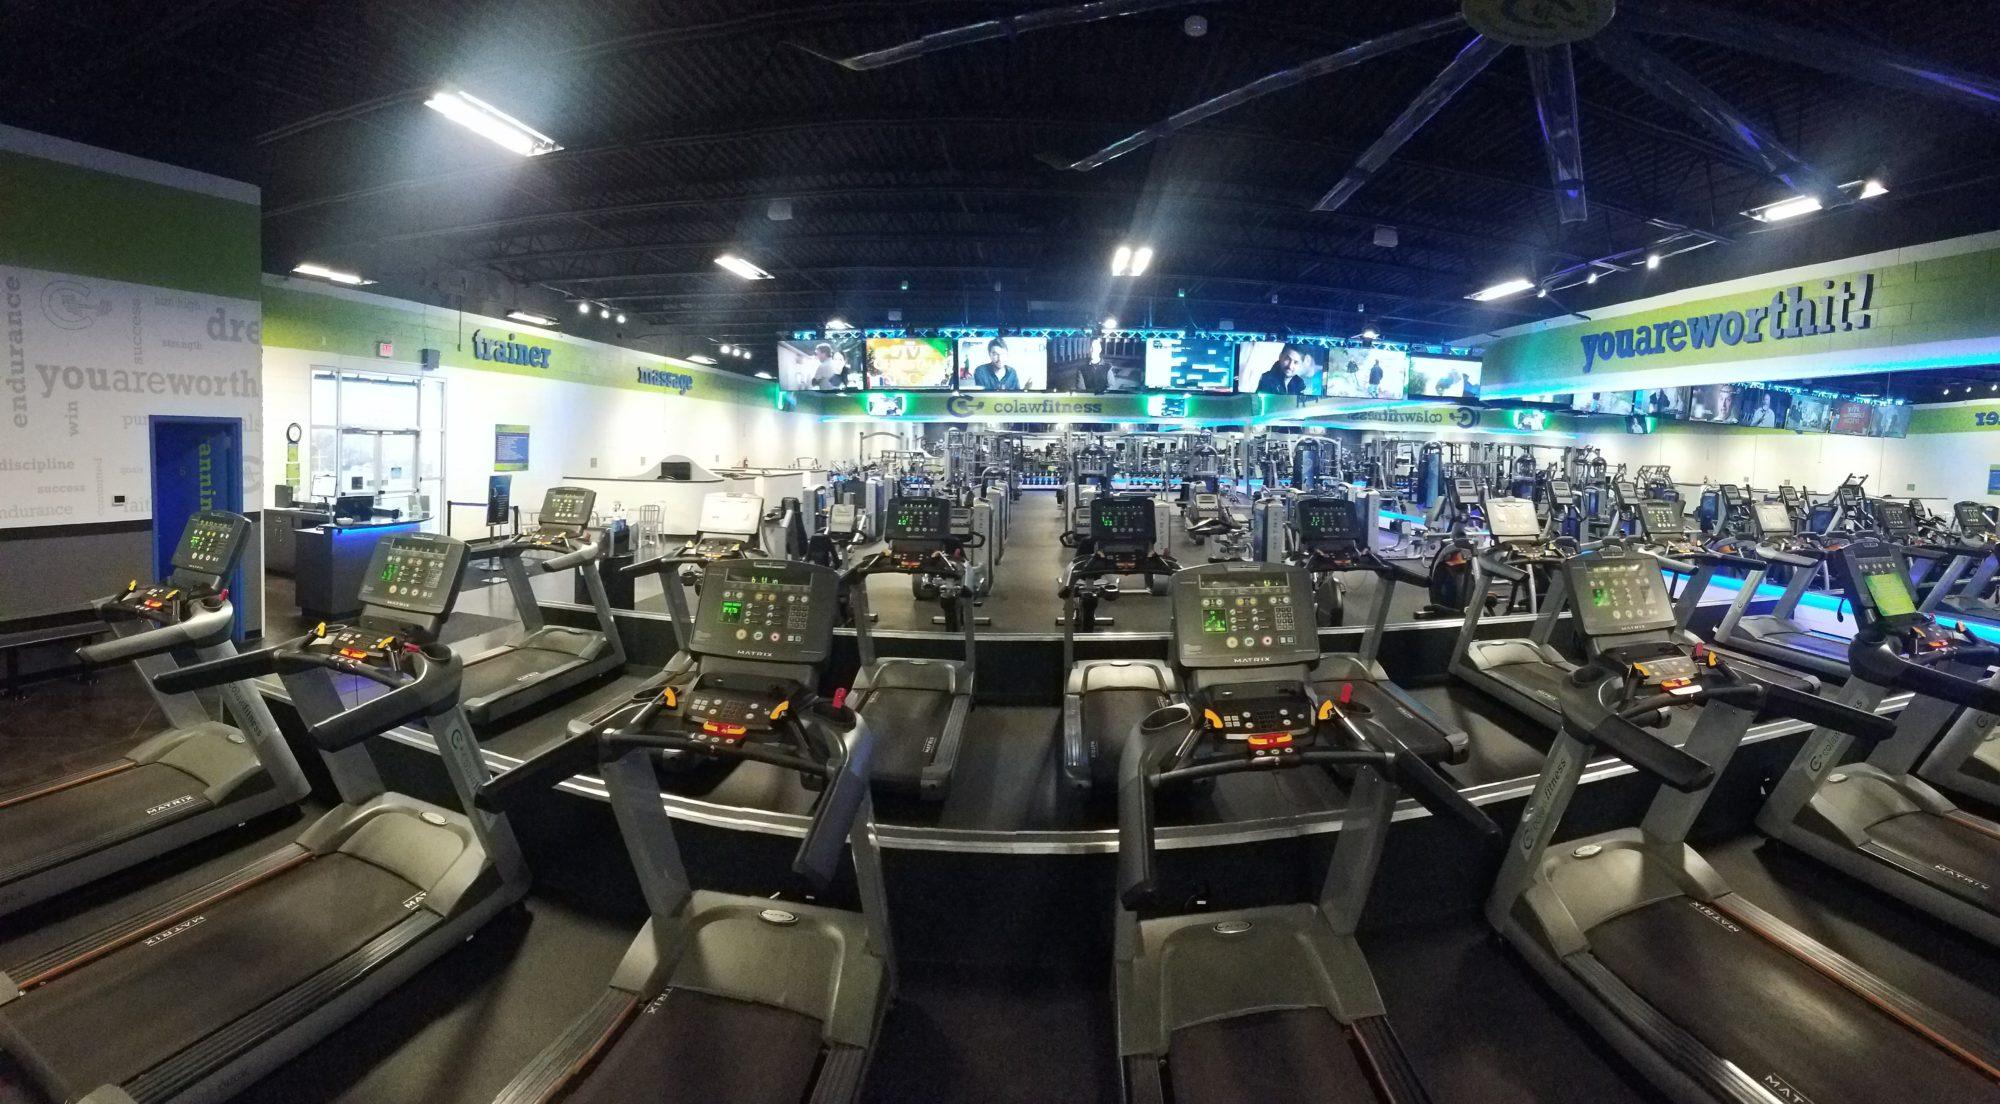 Top 10 gyms Joplin